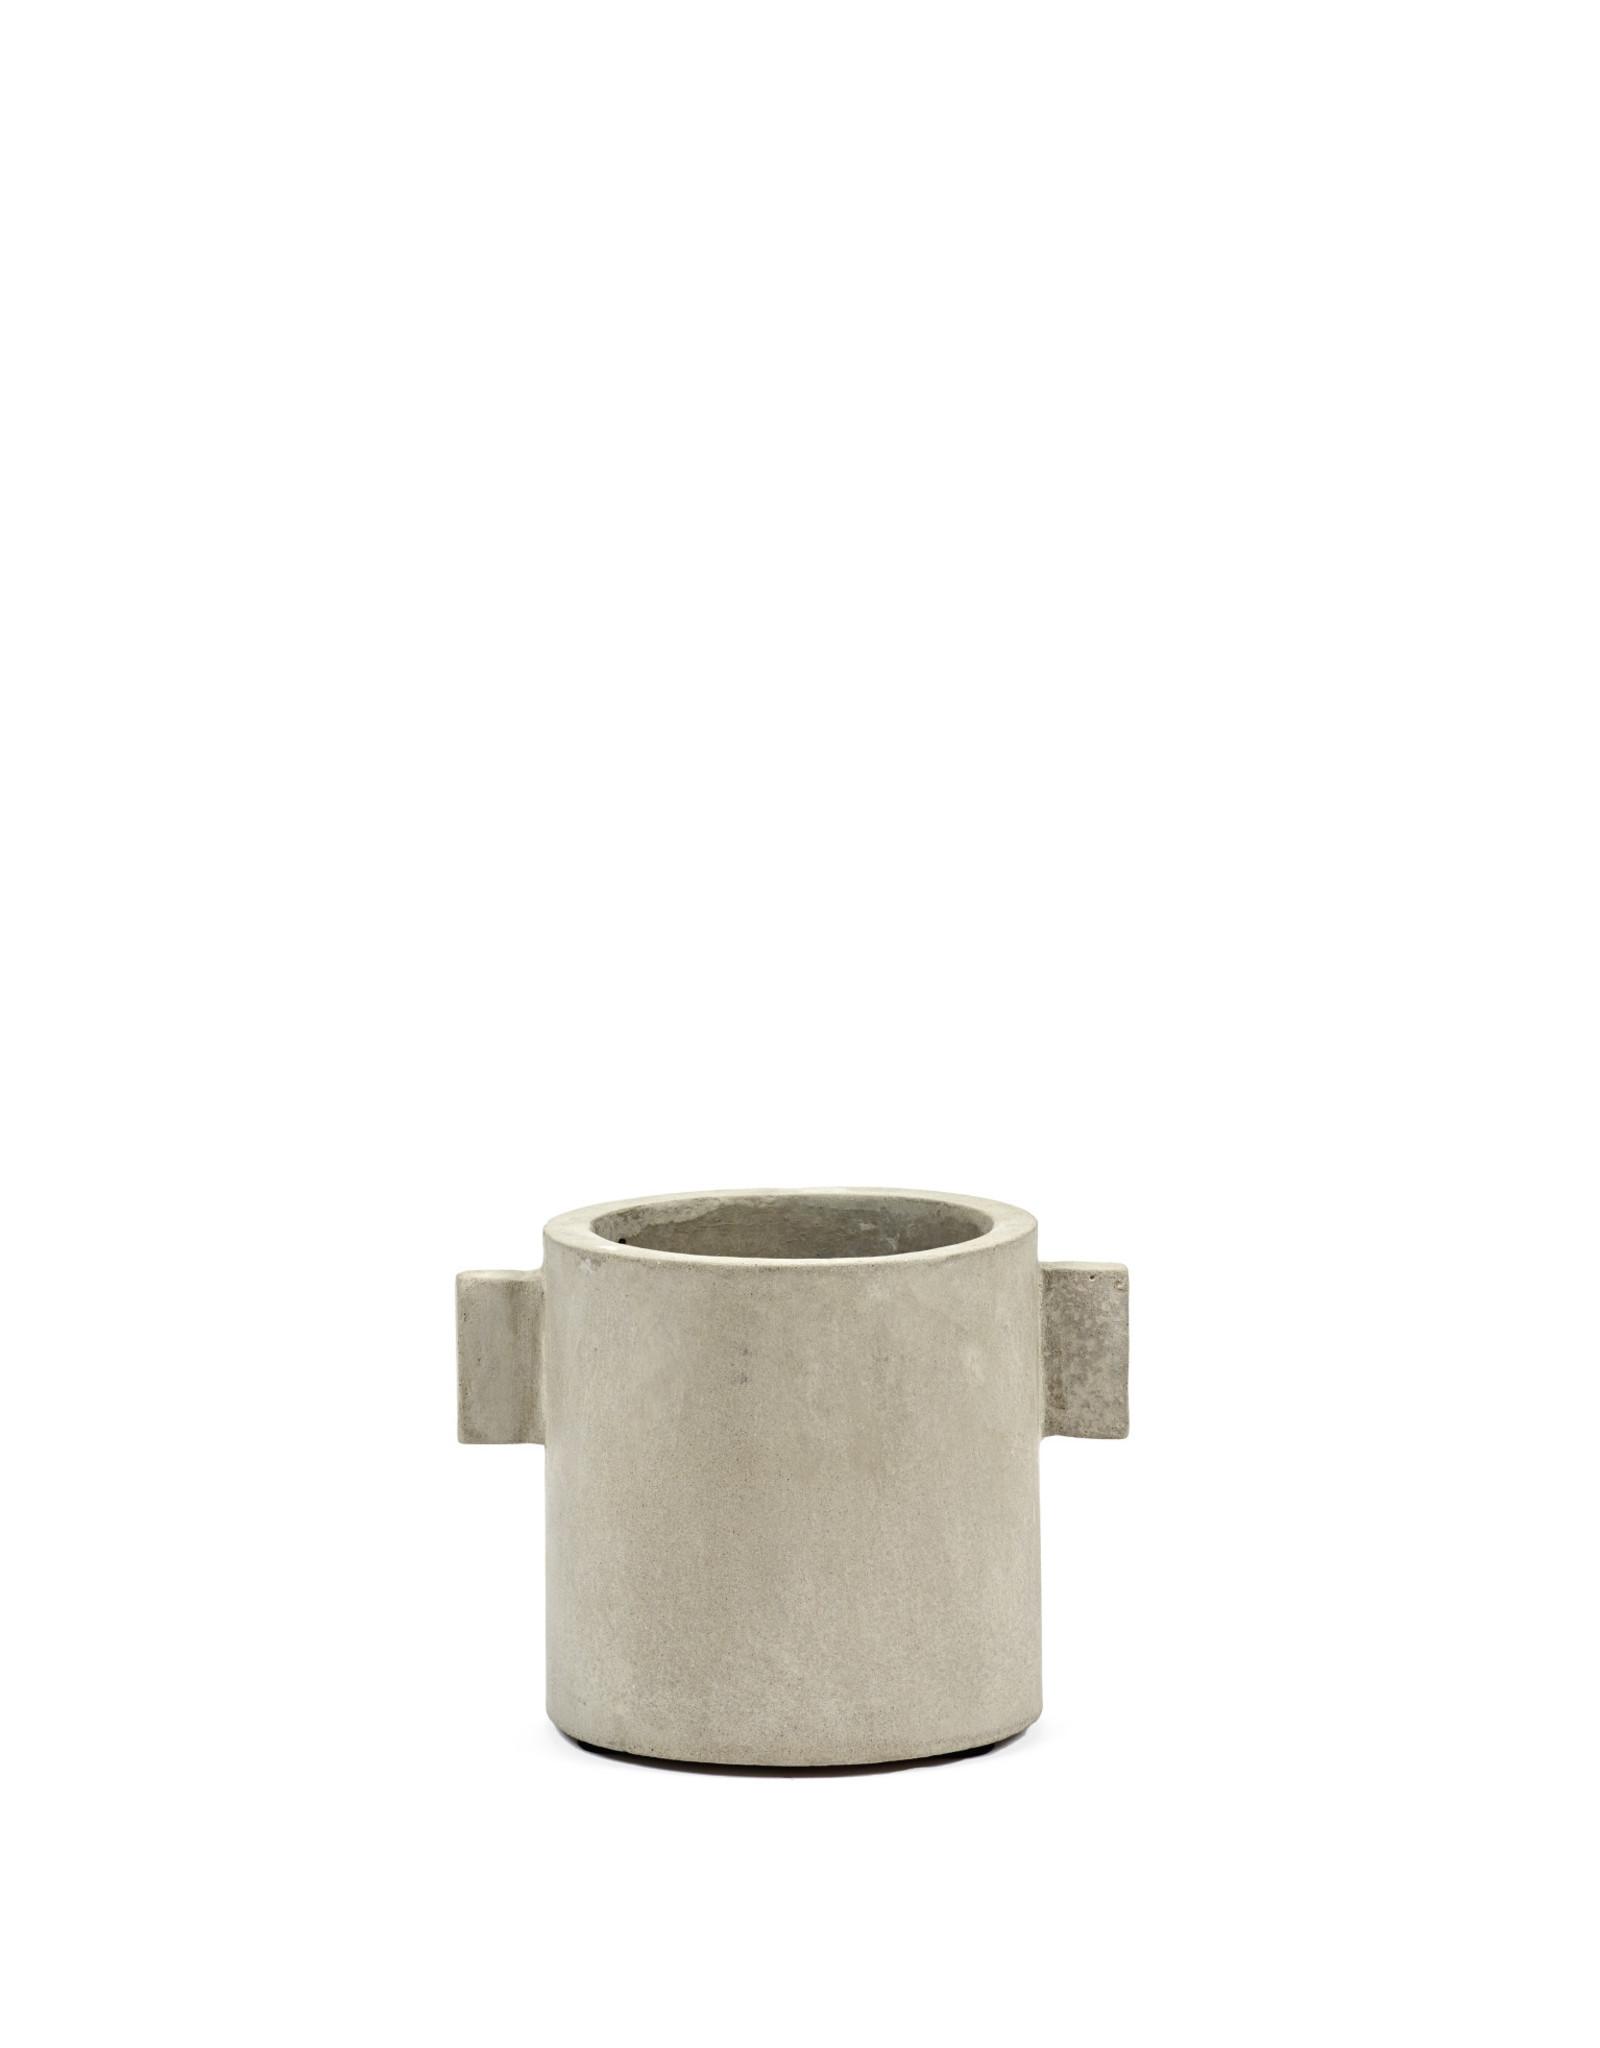 serax Concrete Pot Ø11 h13